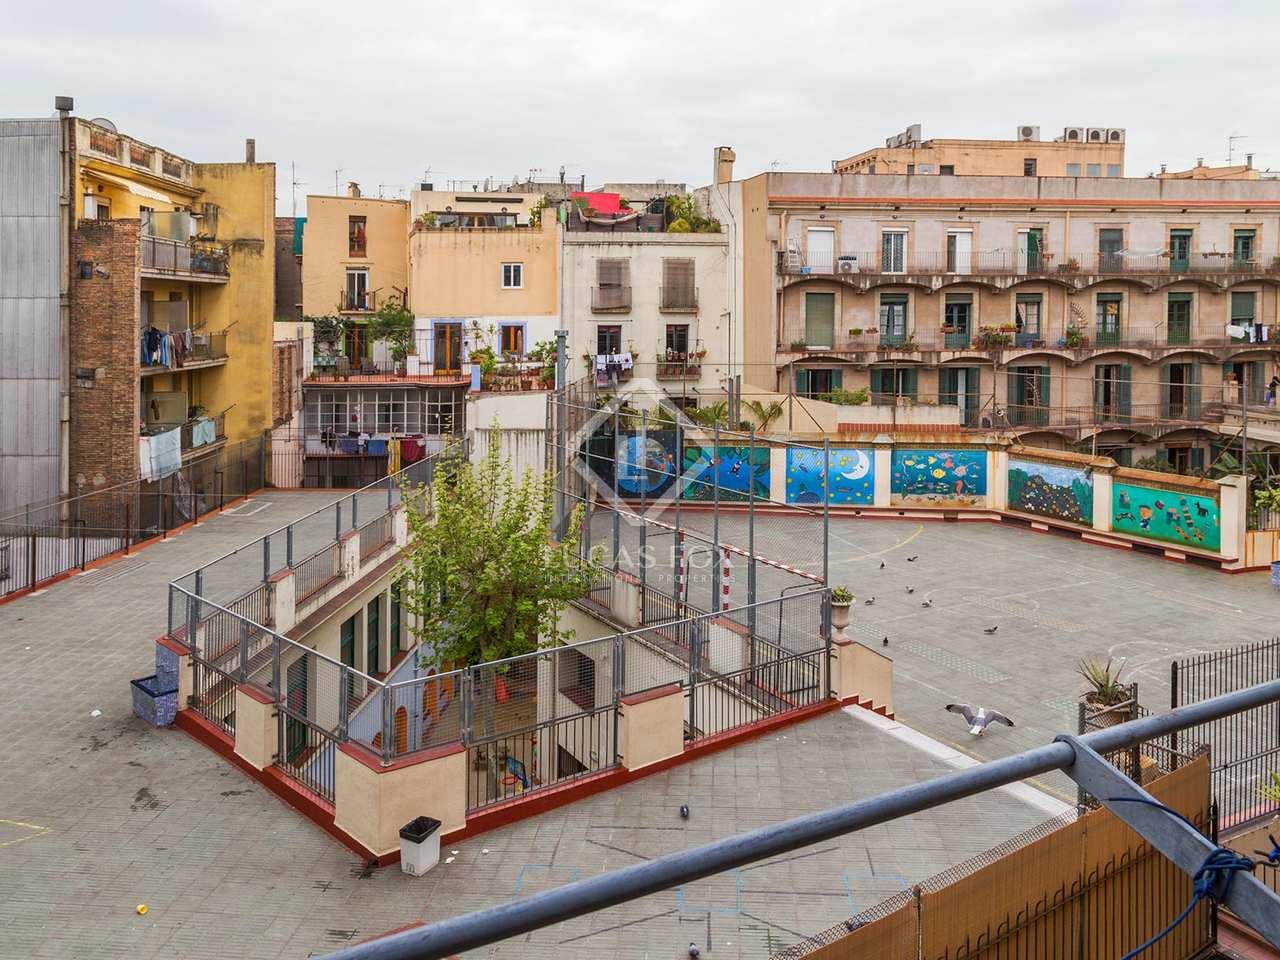 Appartement moderniste avec terrasse en vente dans le quartier gothique de ba - Appartement vente barcelone ...